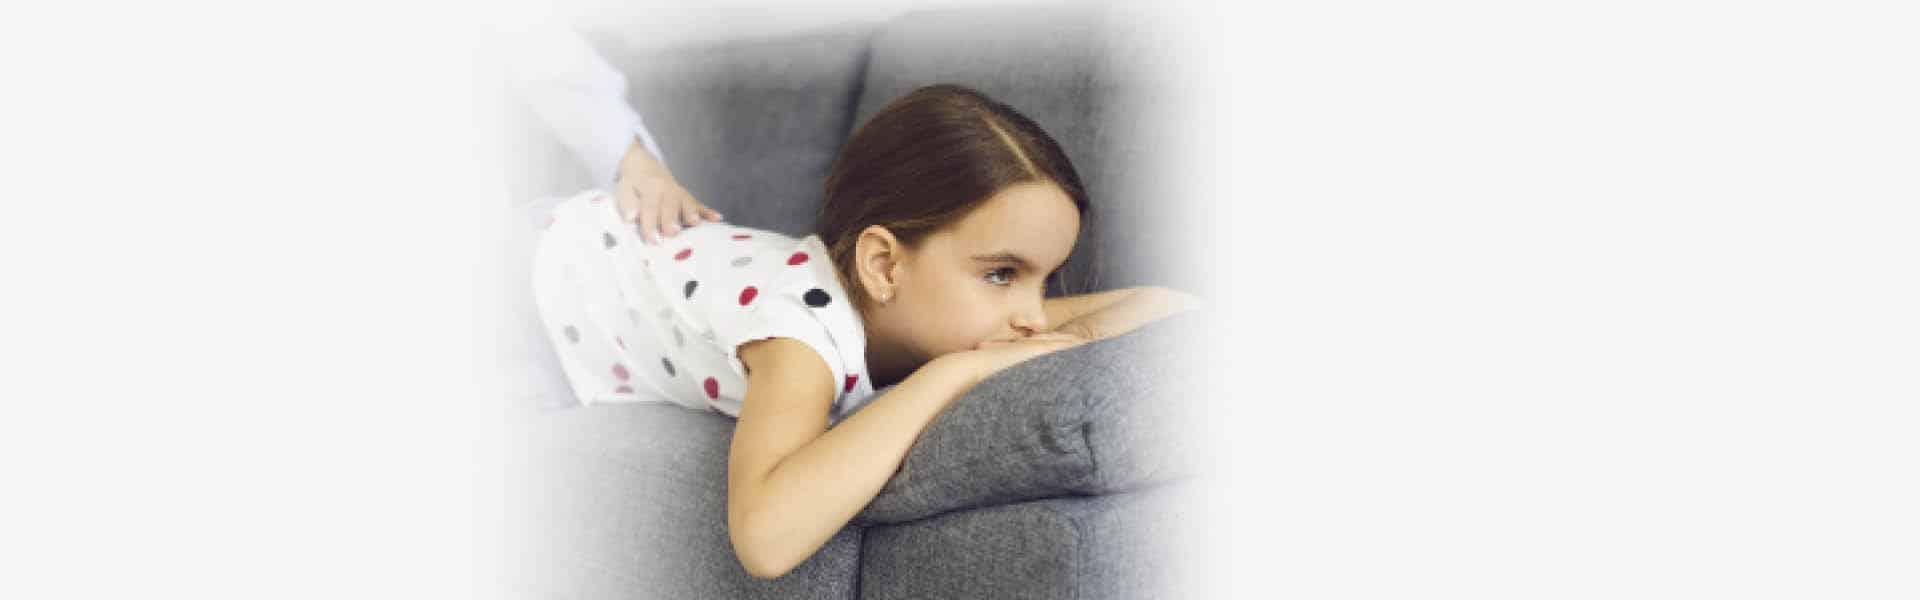 udviklingsevnen og empatien hos børn